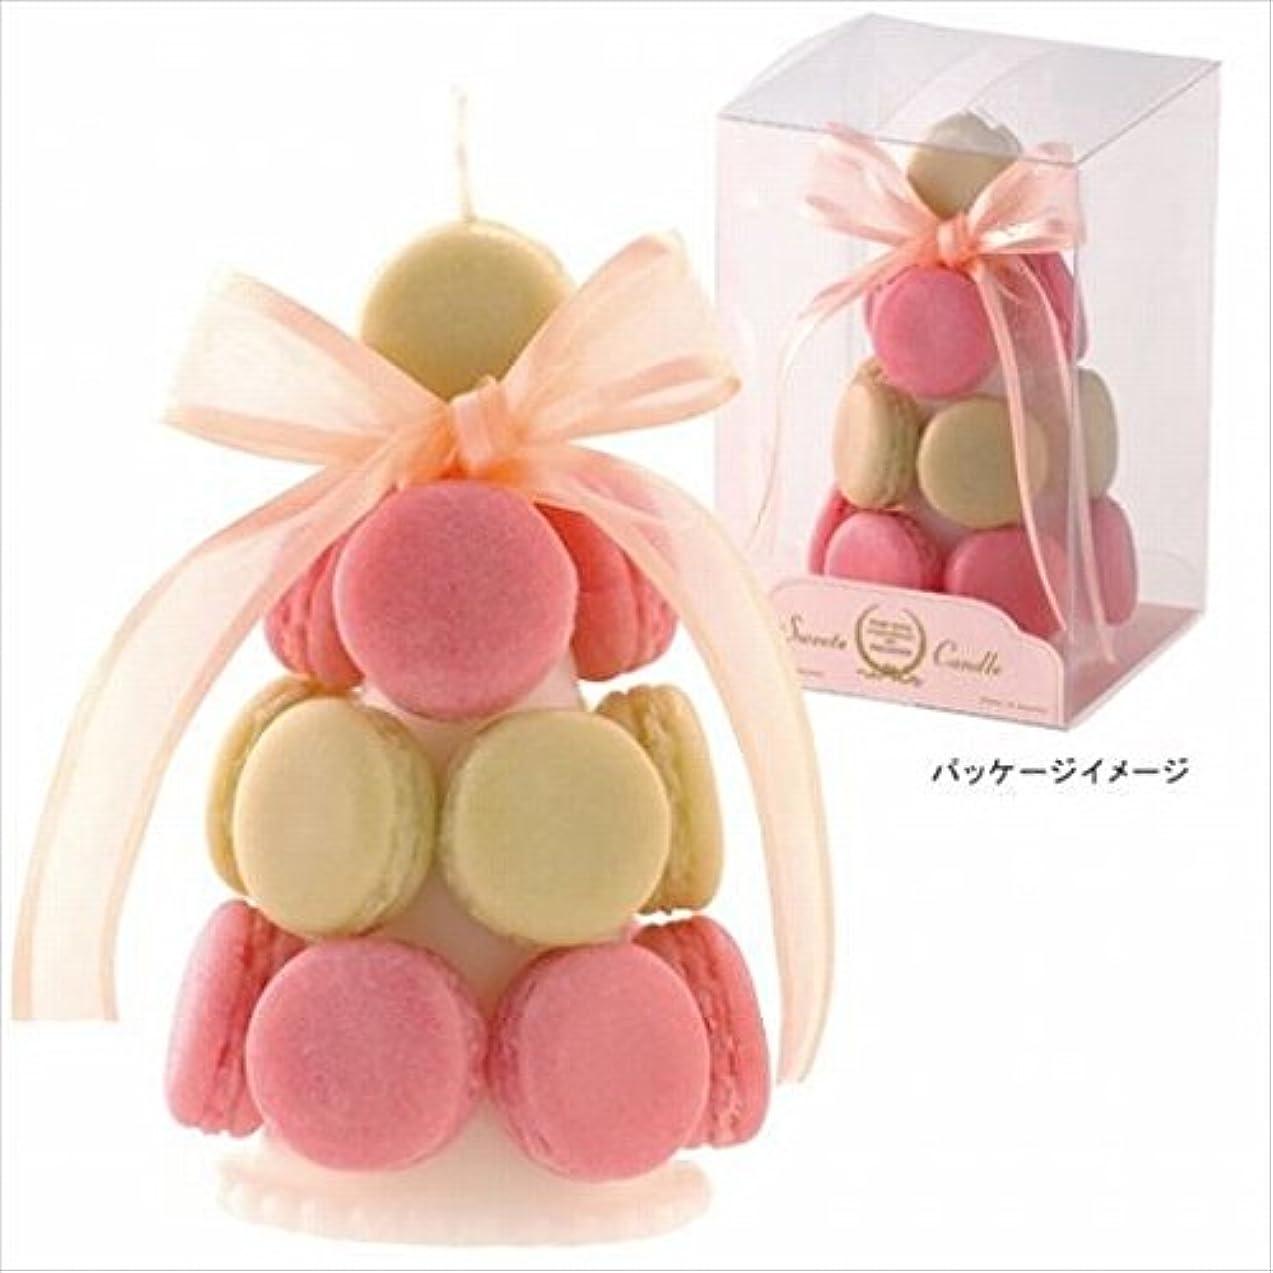 西破産ペットカメヤマキャンドル(kameyama candle) ハッピーマカロンタワー 「 キャラメル 」6個セット